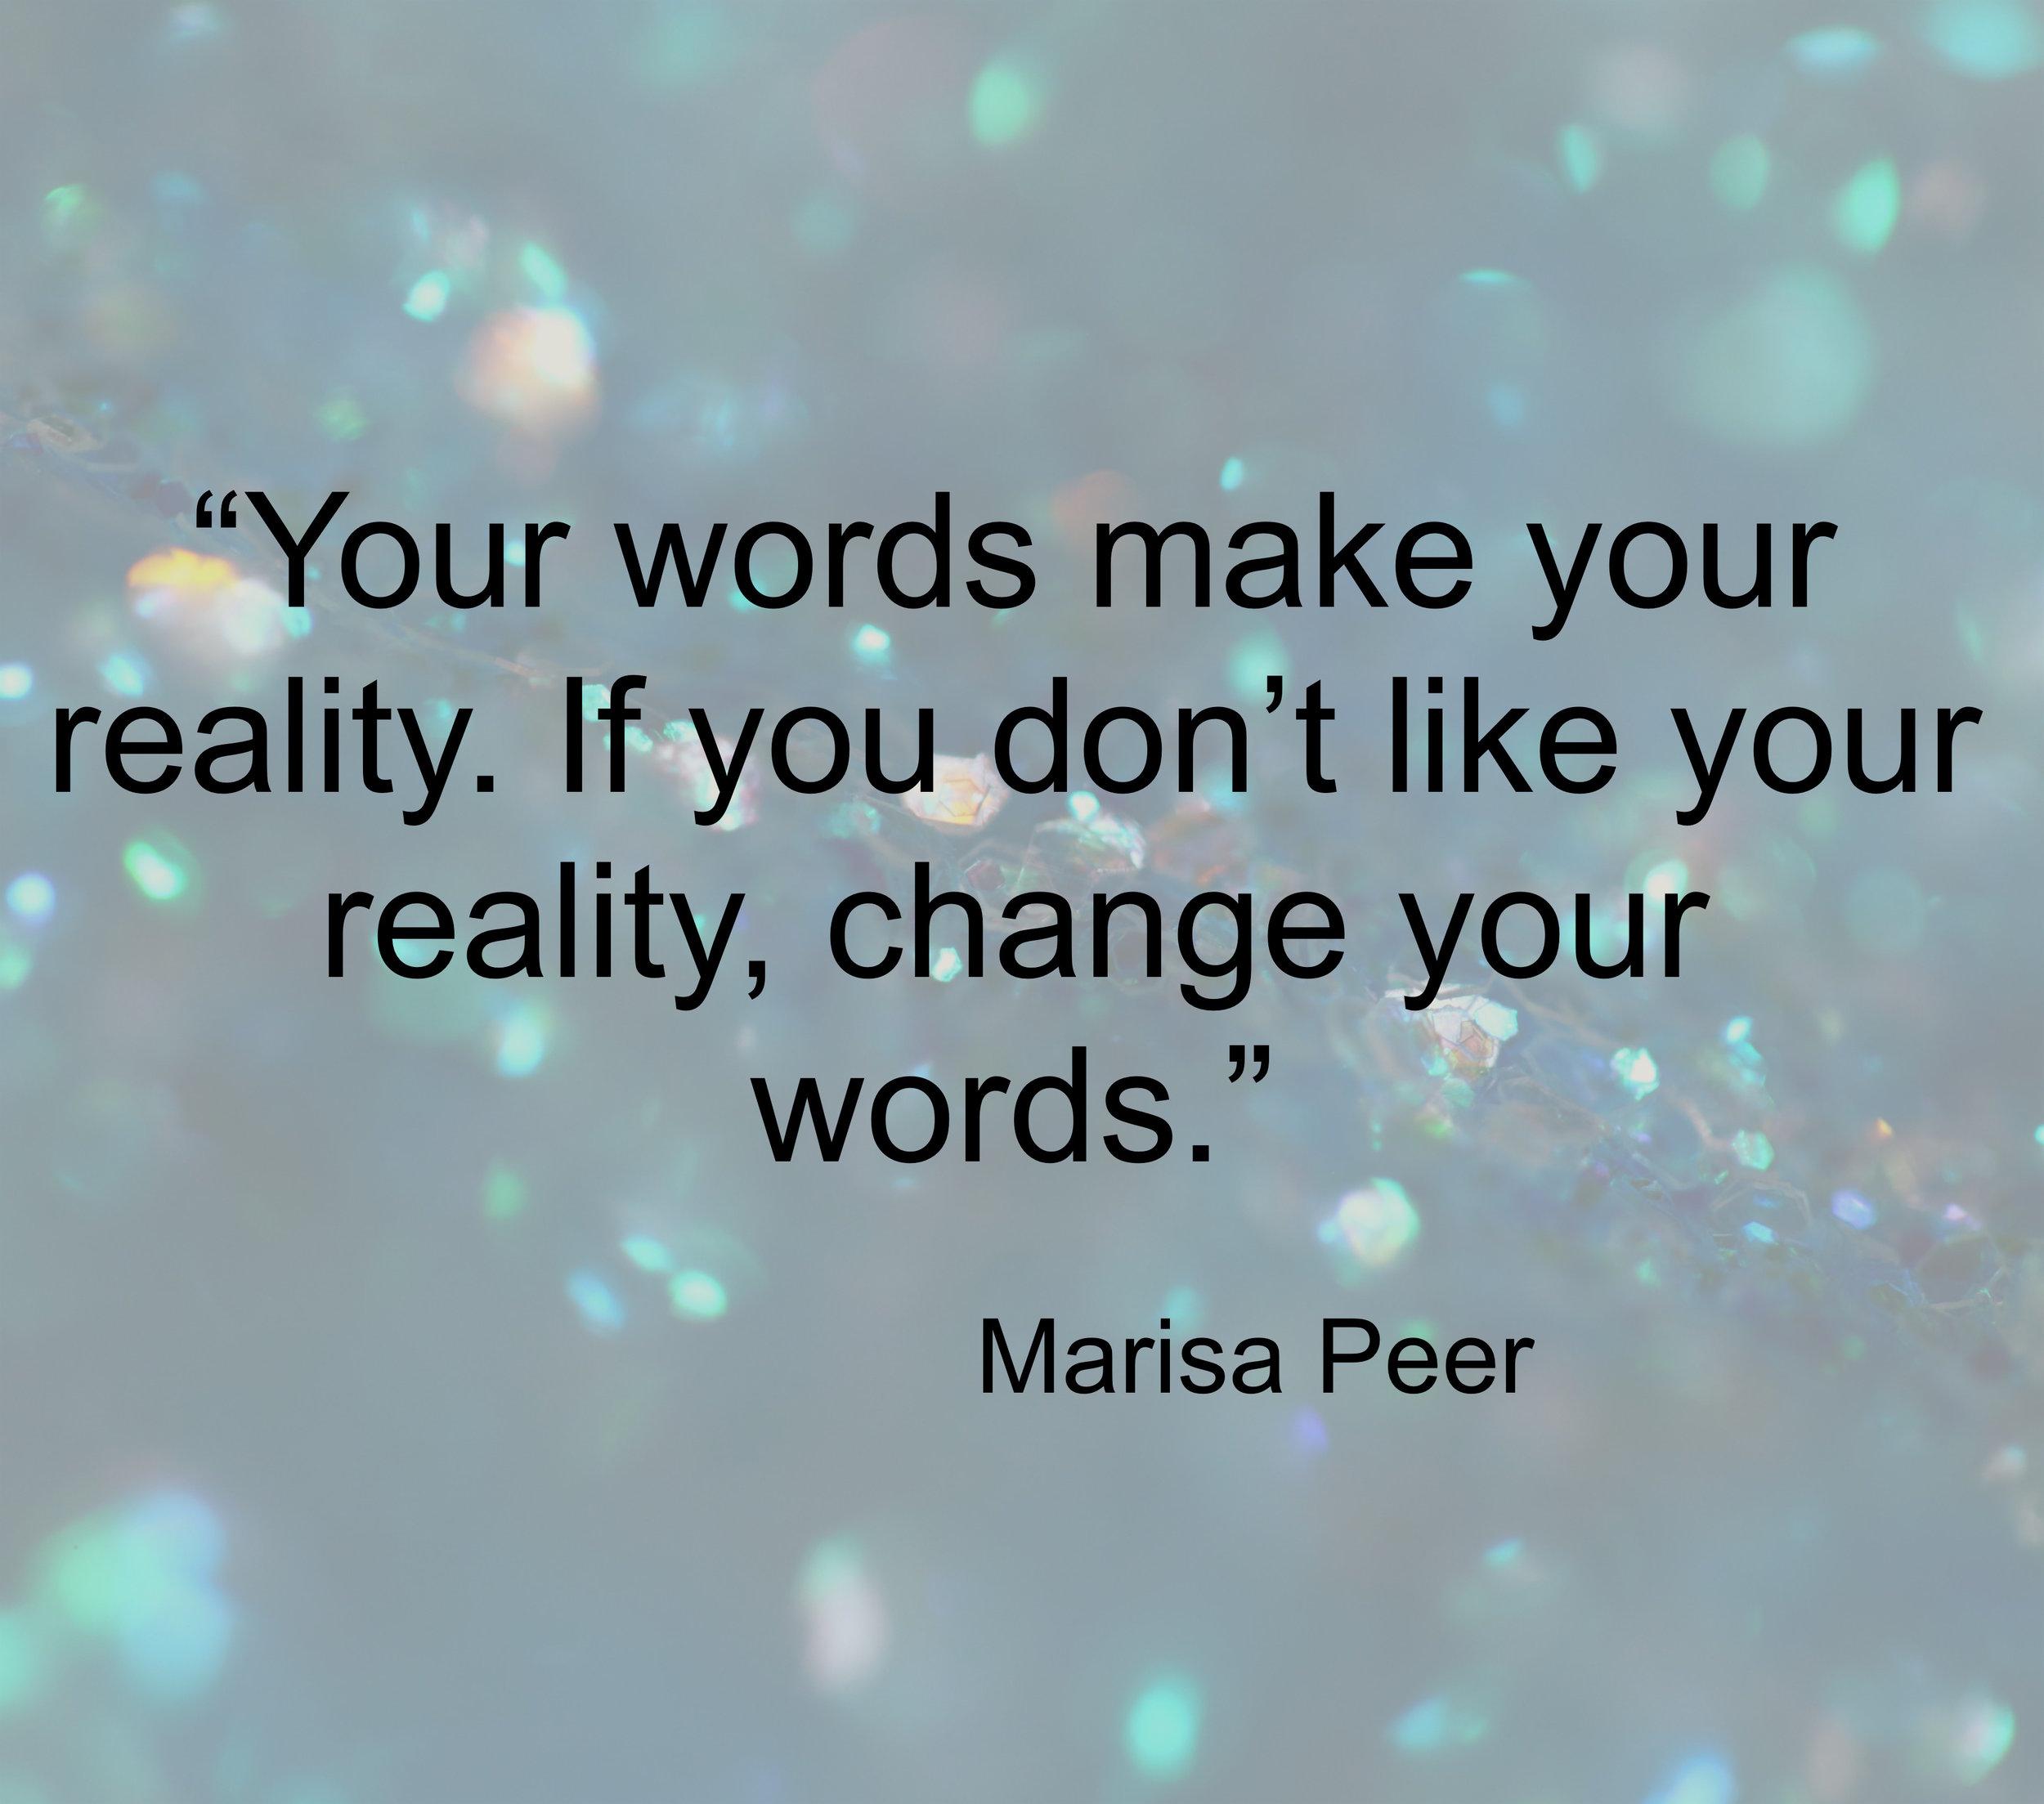 Marisa quote  sharon-mccutcheon-526285-unsplash.jpg